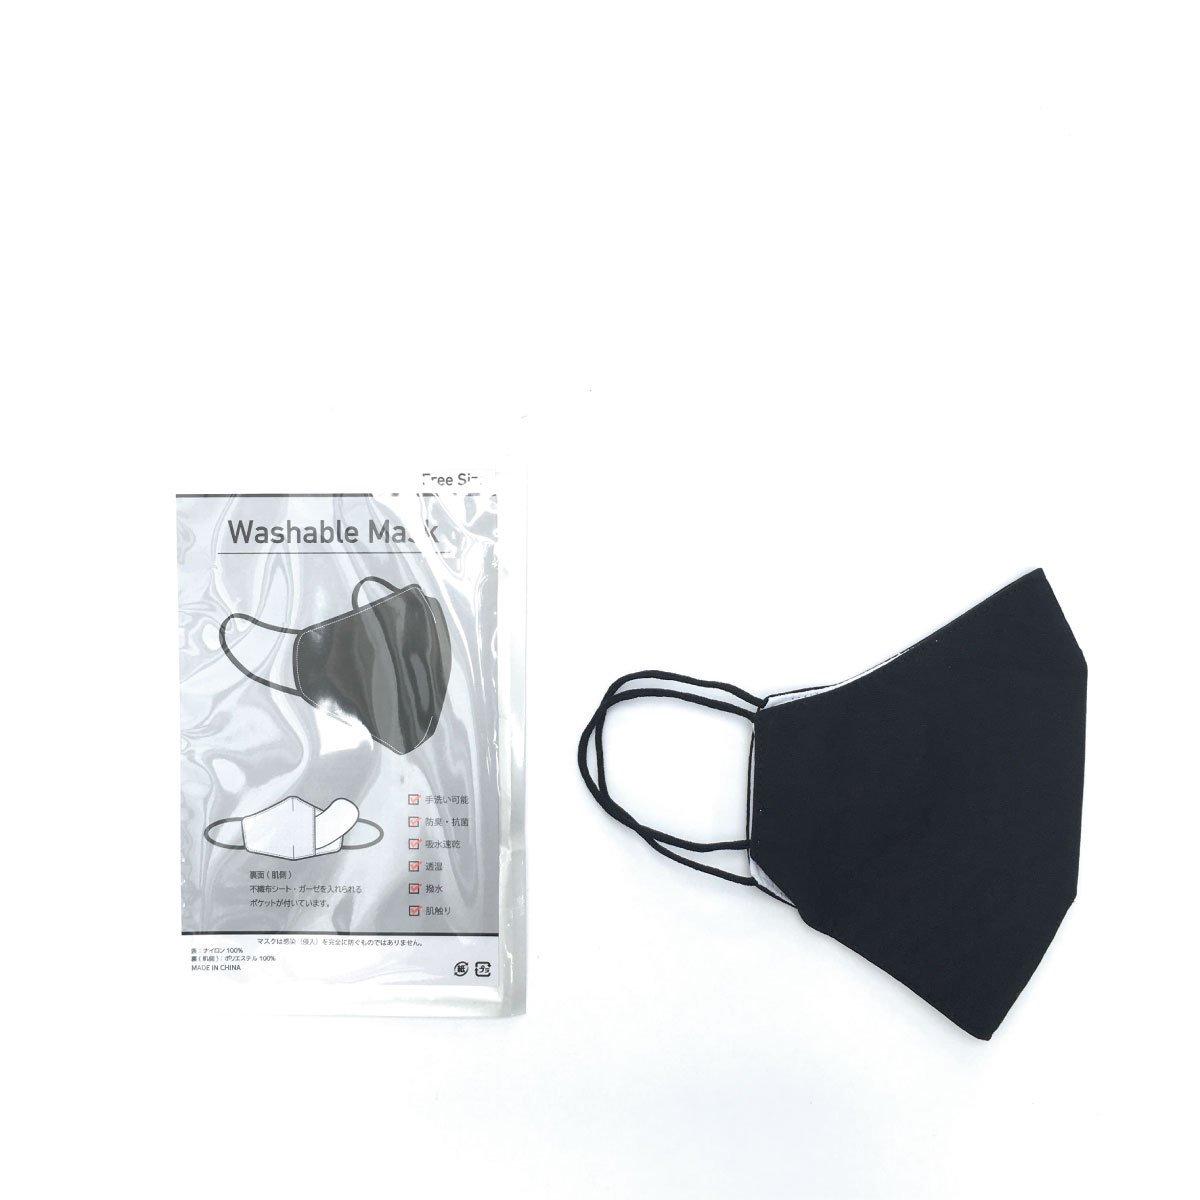 Strap Set Mask 詳細画像11